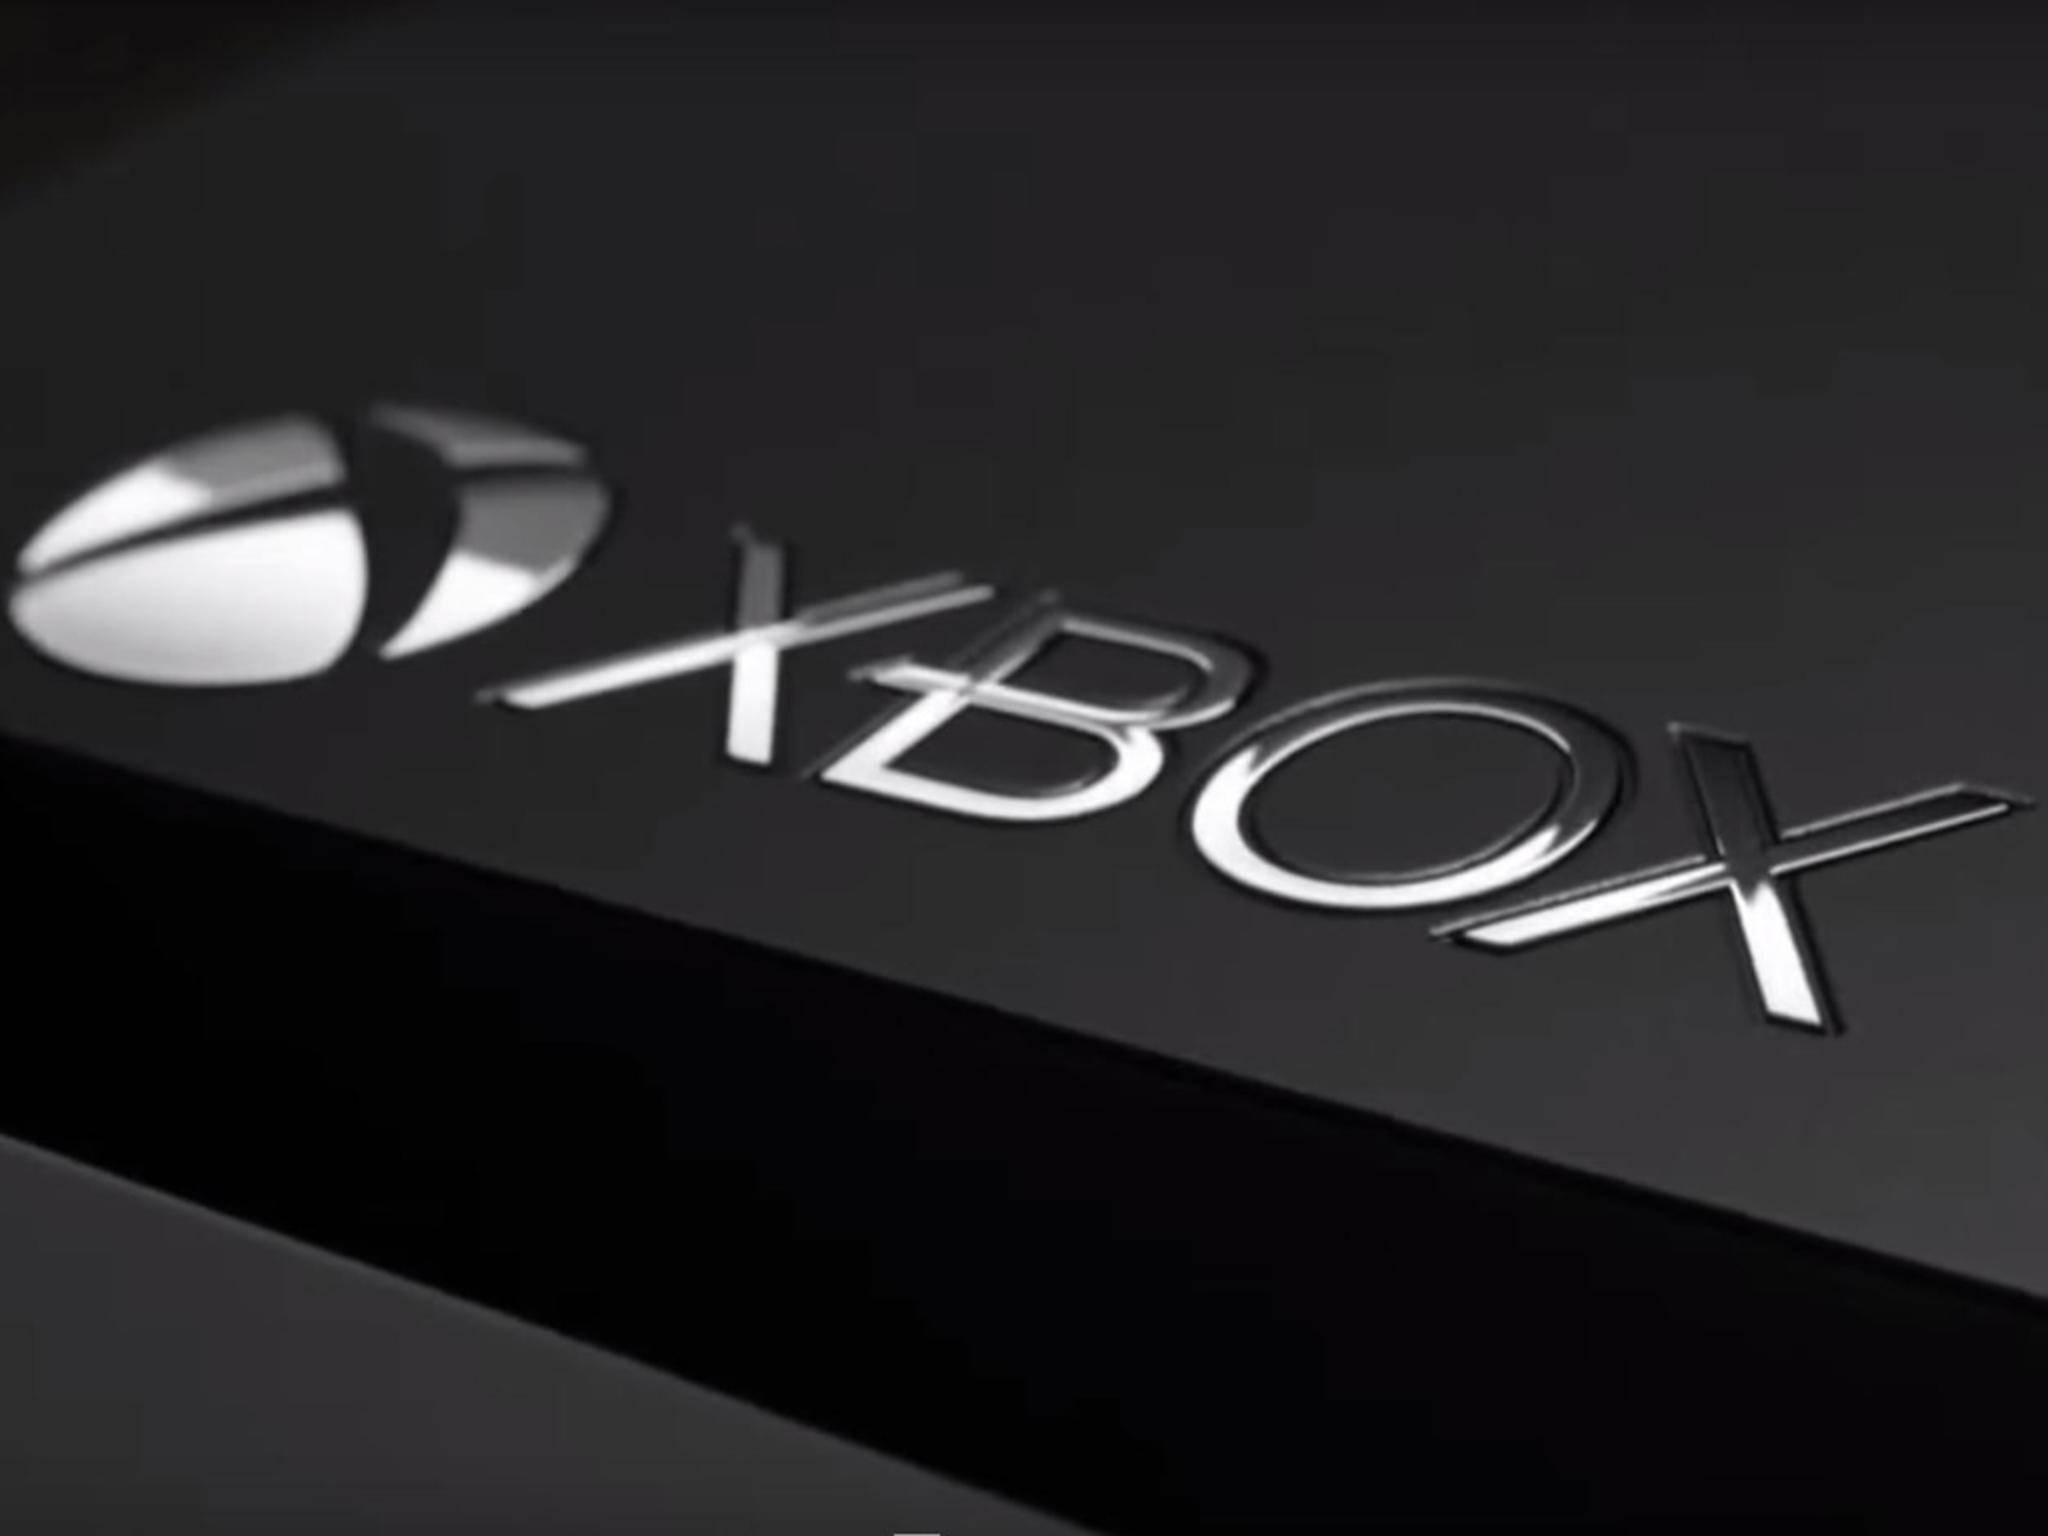 Mit diesen Tipps holst Du noch mehr aus Deiner Xbox One heraus.